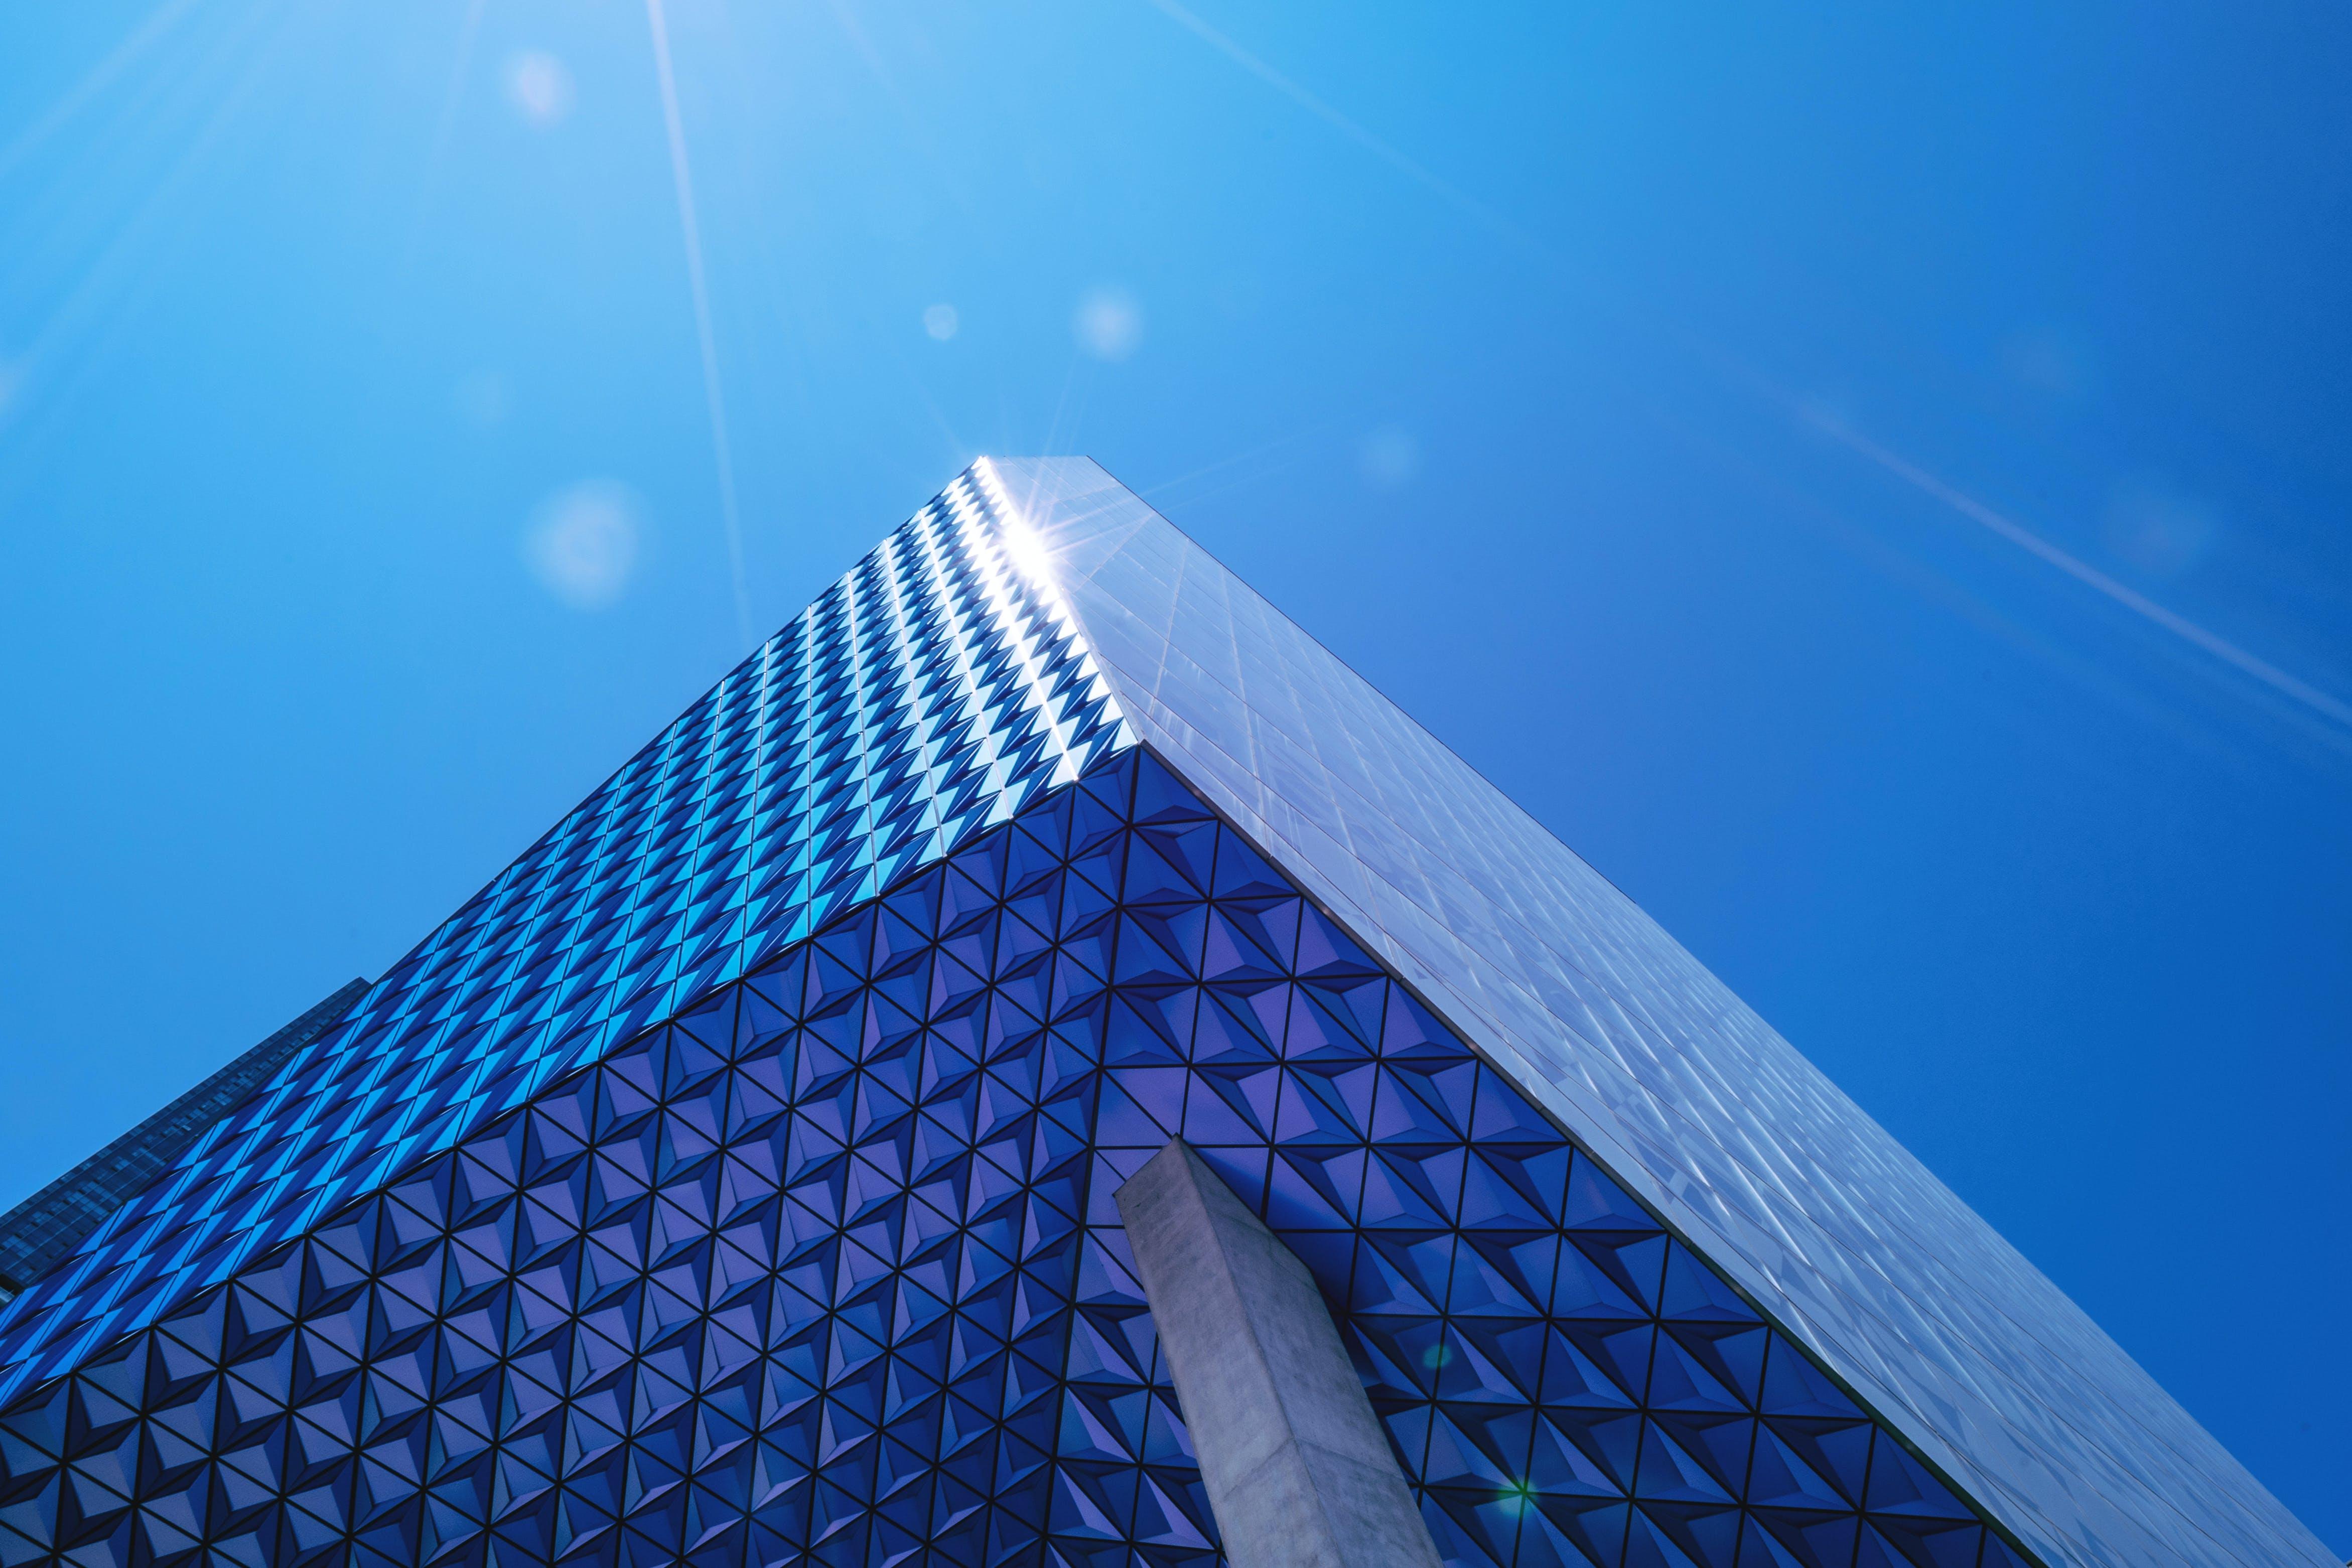 Безкоштовне стокове фото на тему «архітектура, архітектурне проектування, Будівля, візерунок»